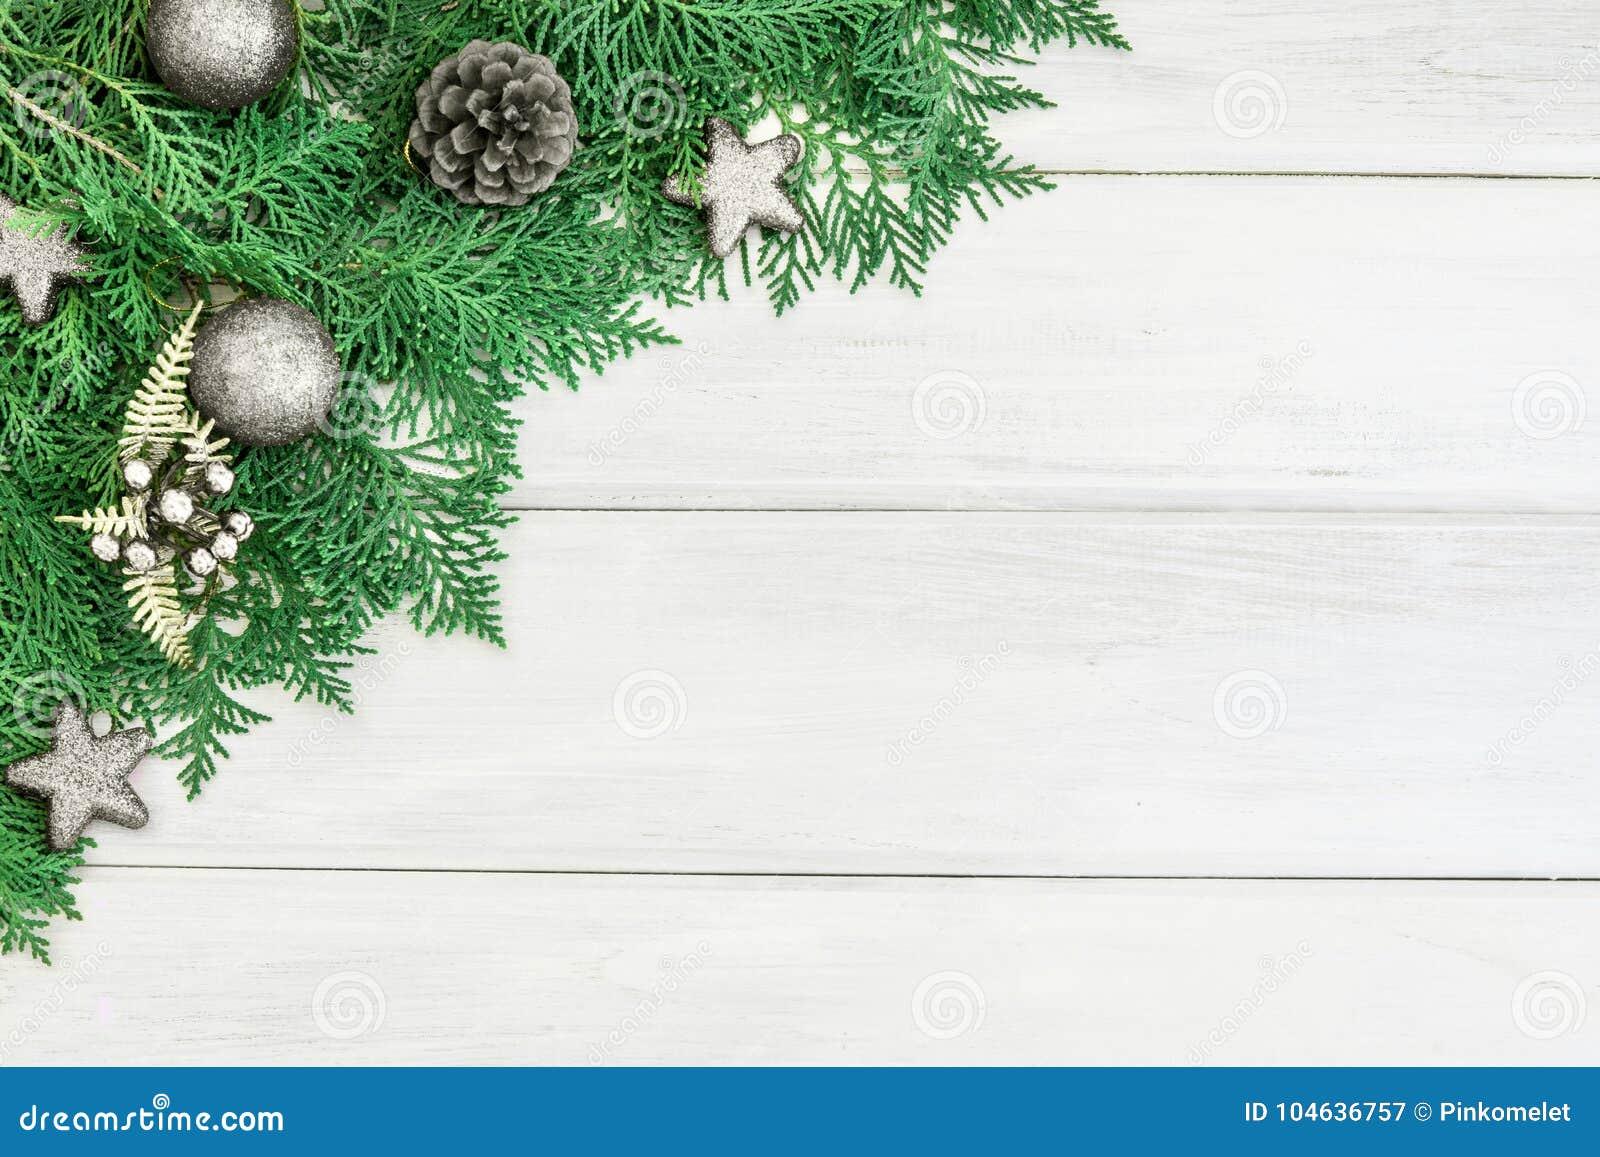 Download Pijnboomblad Met Zilveren Ster En Kerstmisbaldecoratie Op Een Wh Stock Afbeelding - Afbeelding bestaande uit feestelijk, takken: 104636757